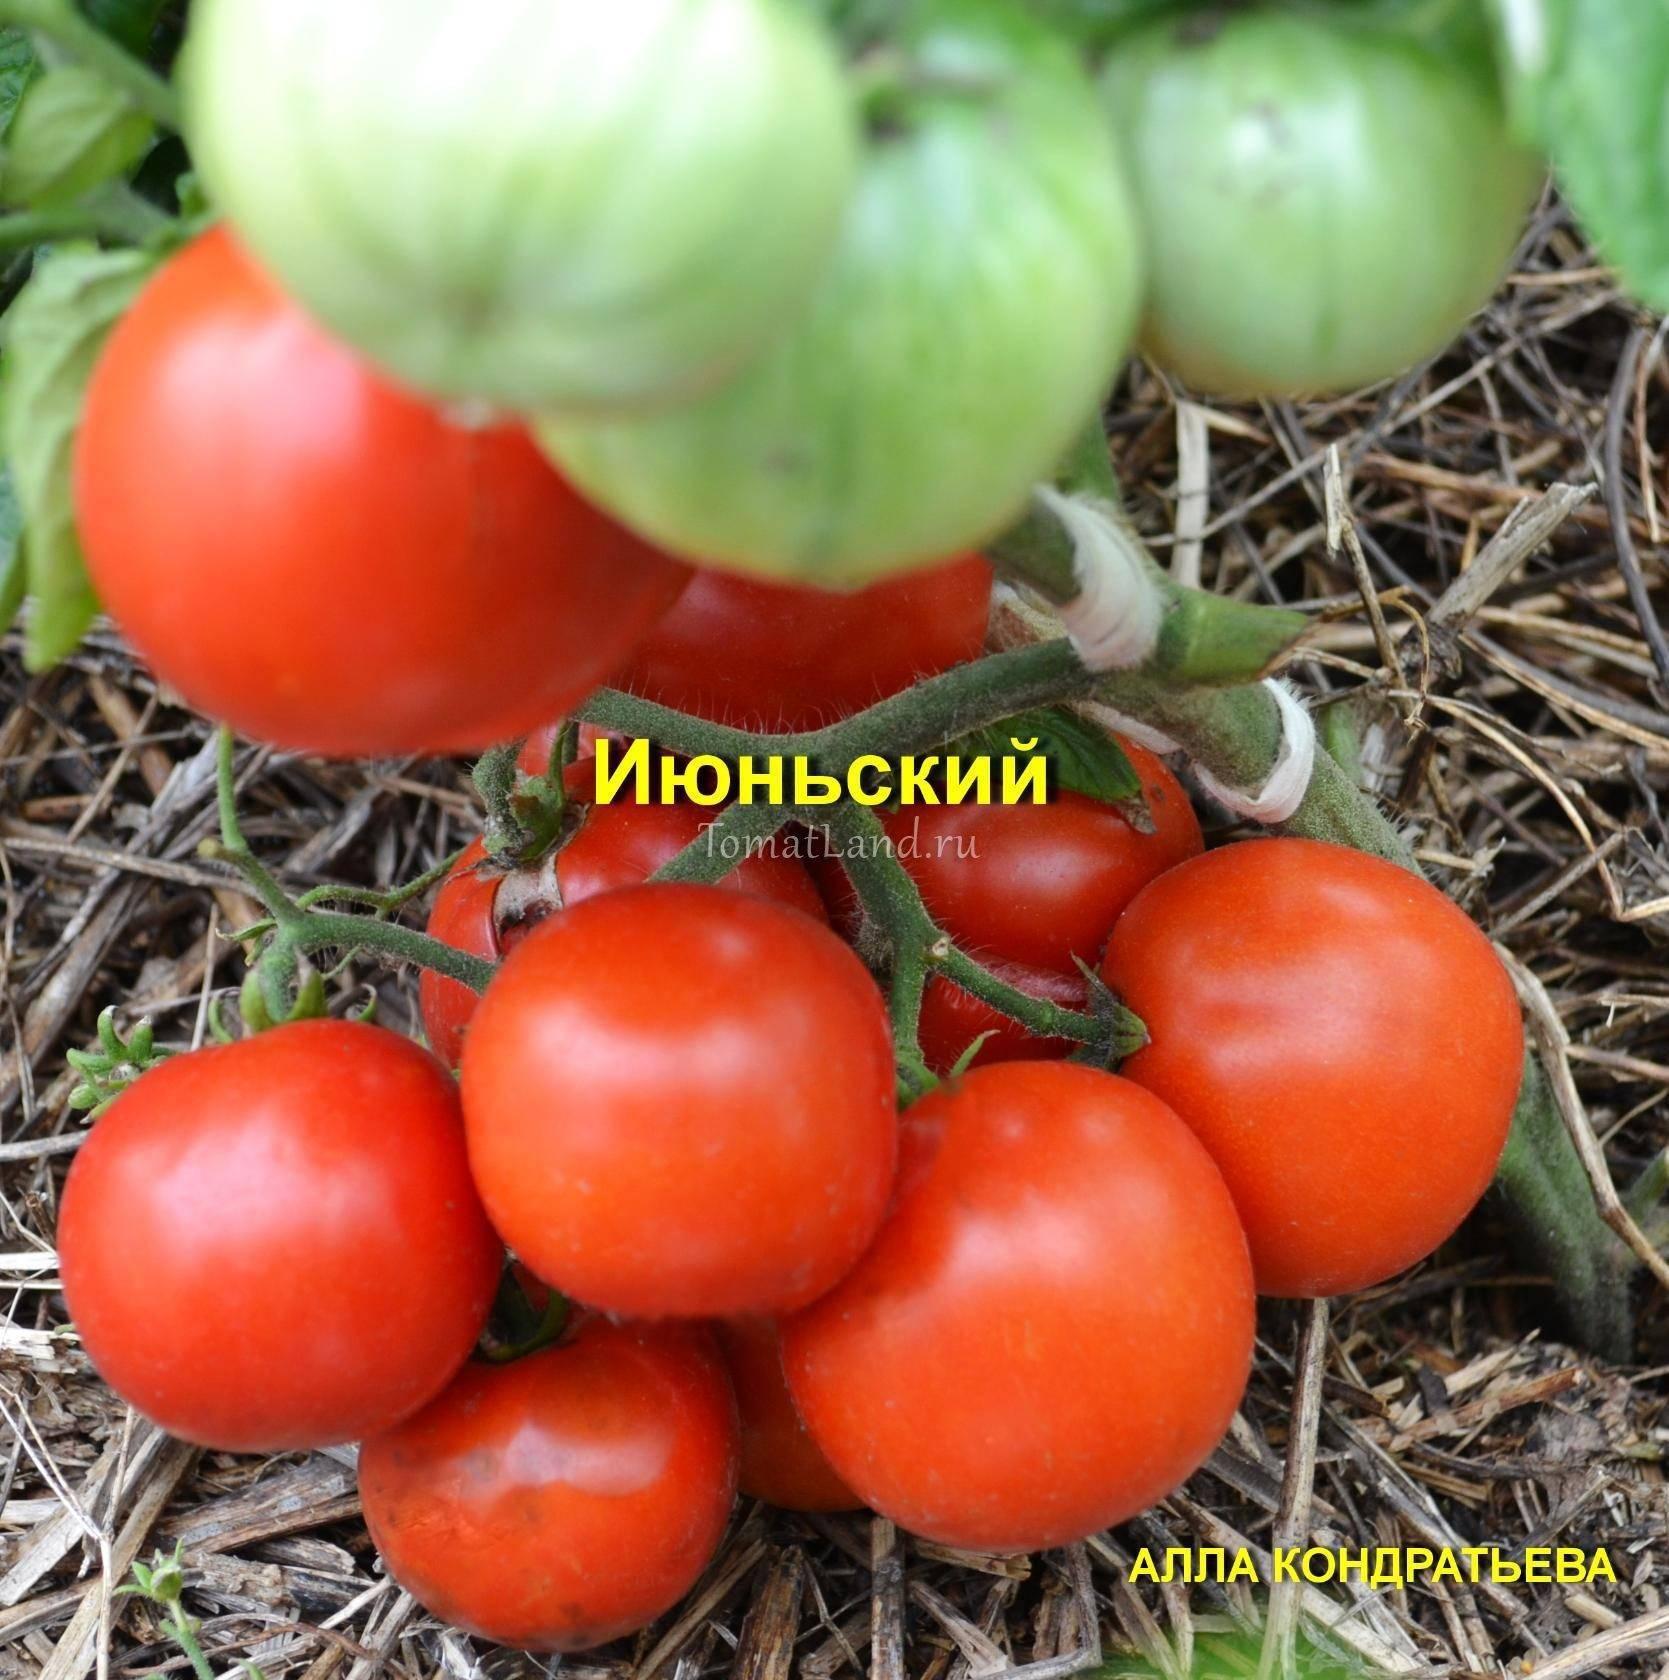 Описание сорта томата Июньский и его характеристики